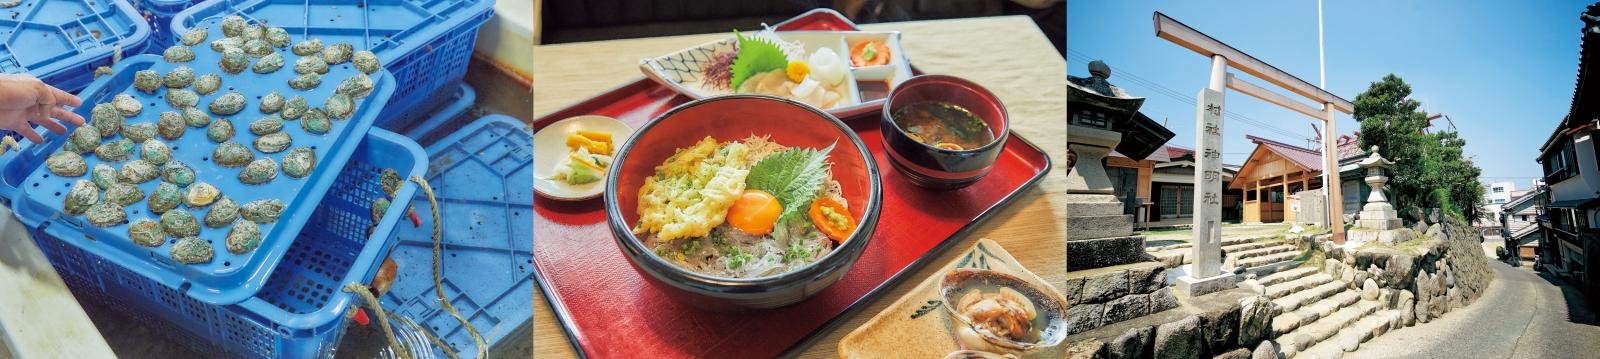 左/榊原さんと新美さんが養殖する鮑。出荷できるまで数年かかる。中/生、天ぷら、釜揚げなどのしらす料理が楽しめる。右/おんべ鯛づくりなどの神事を取り仕切る神明神社。